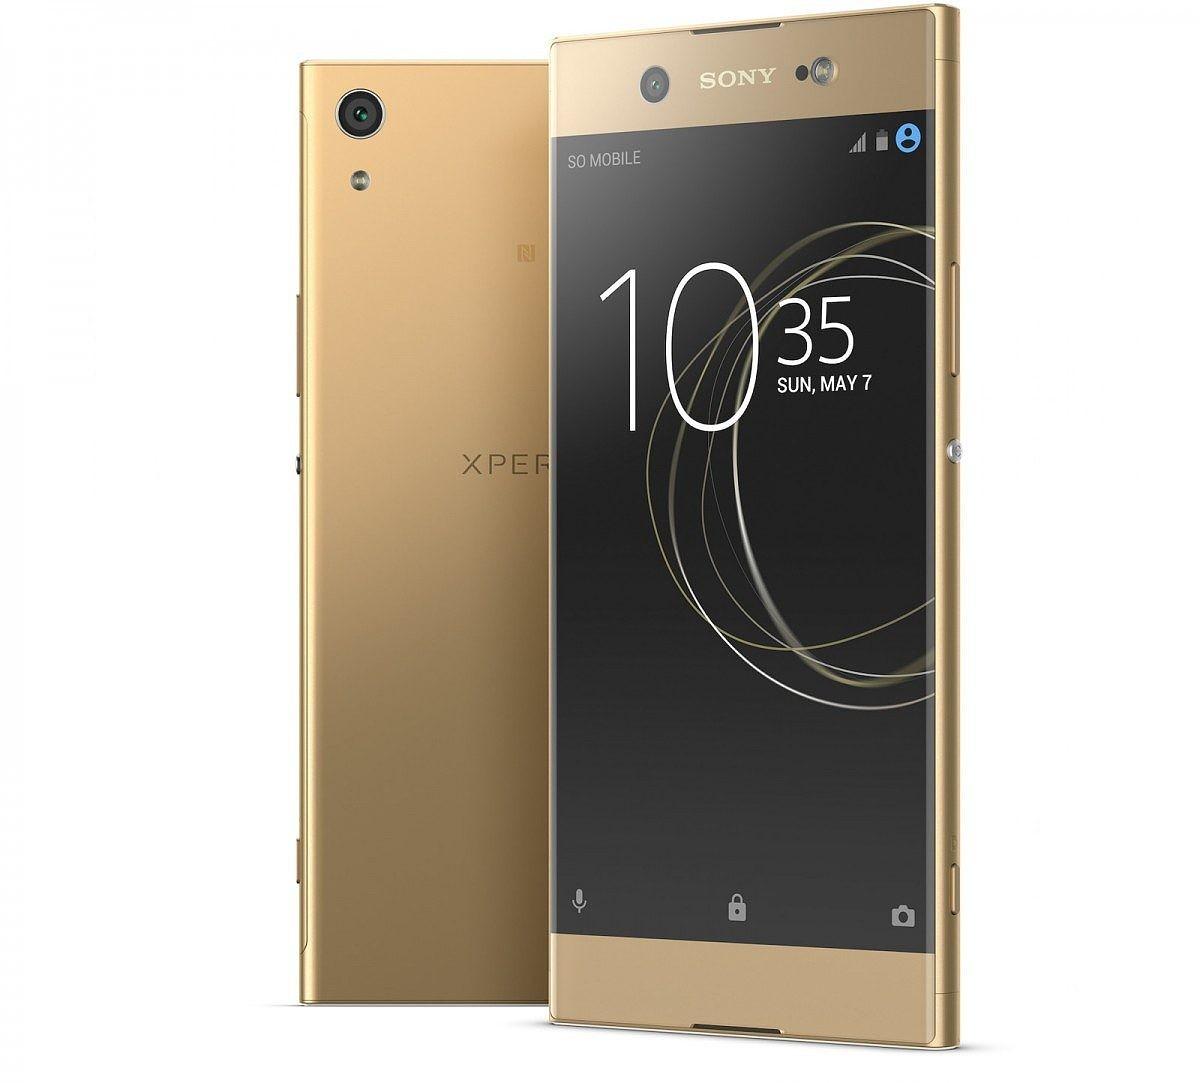 Sony Xperia XA1 and Xperia XA1 Ultra Mid-Range Android Nougat Smartphones